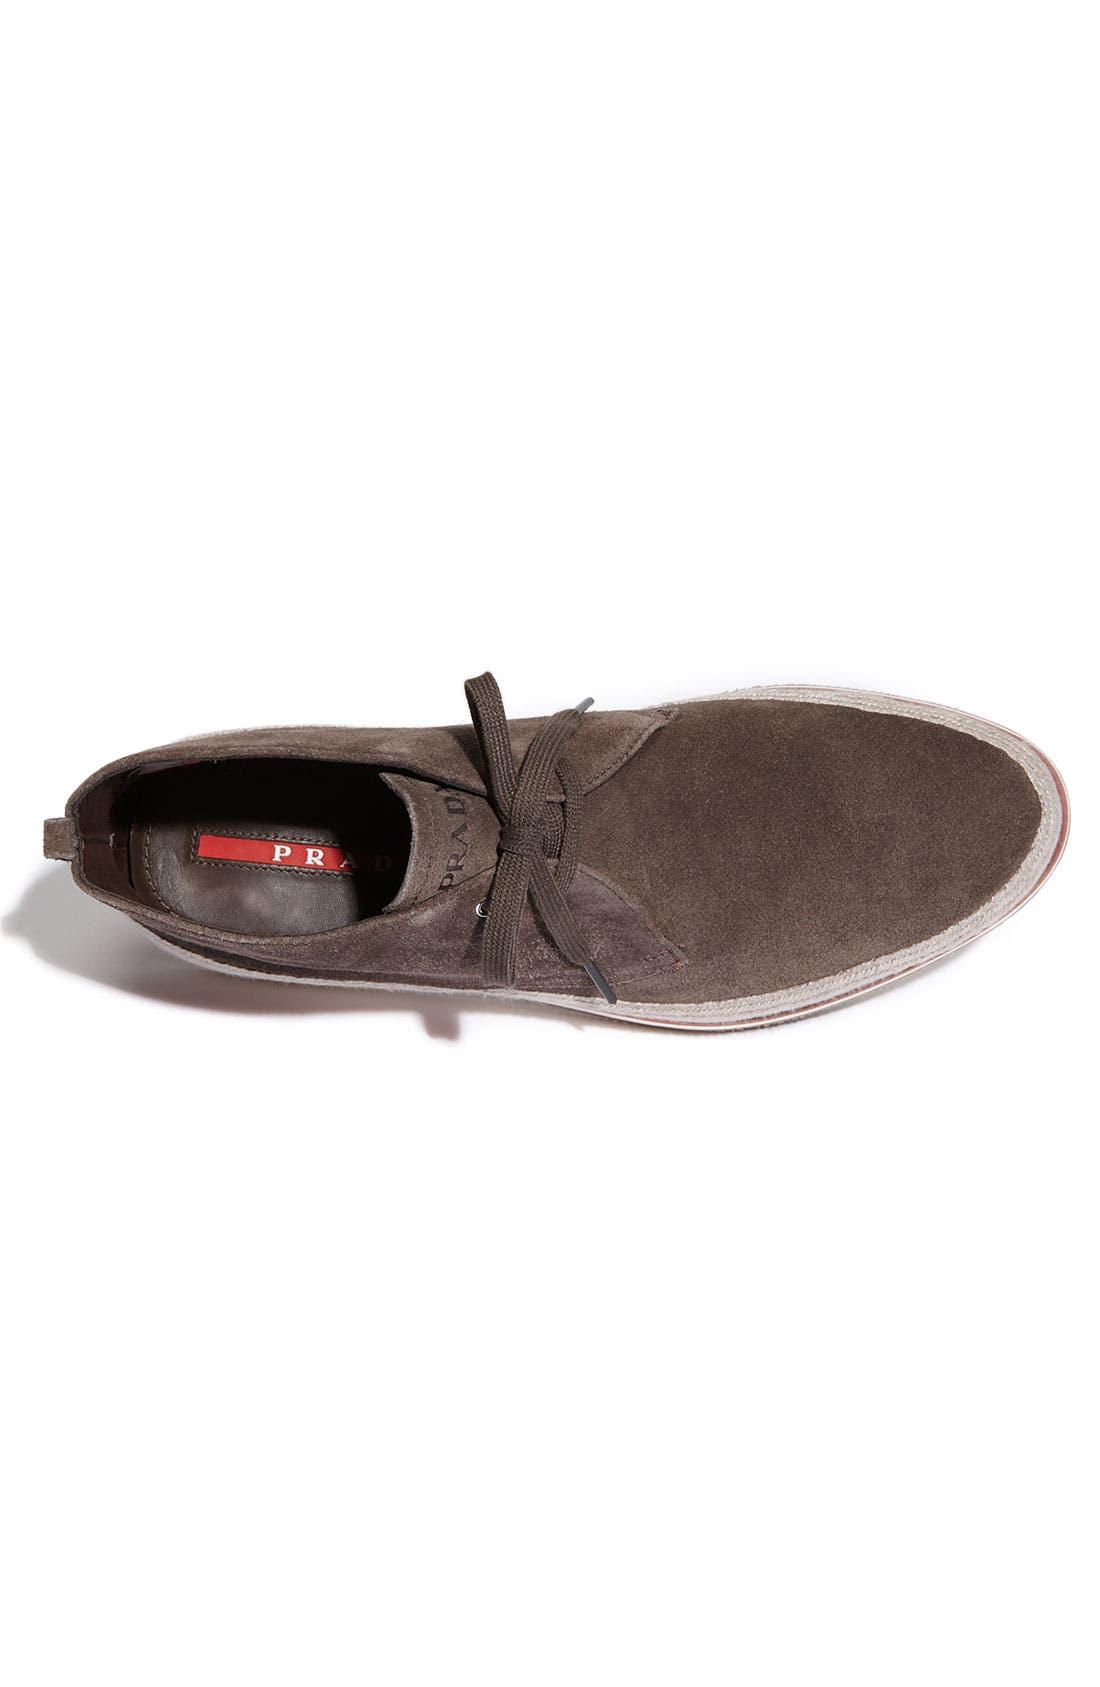 Alternate Image 3  - Prada 'Calzature Uomo' Chukka Boot